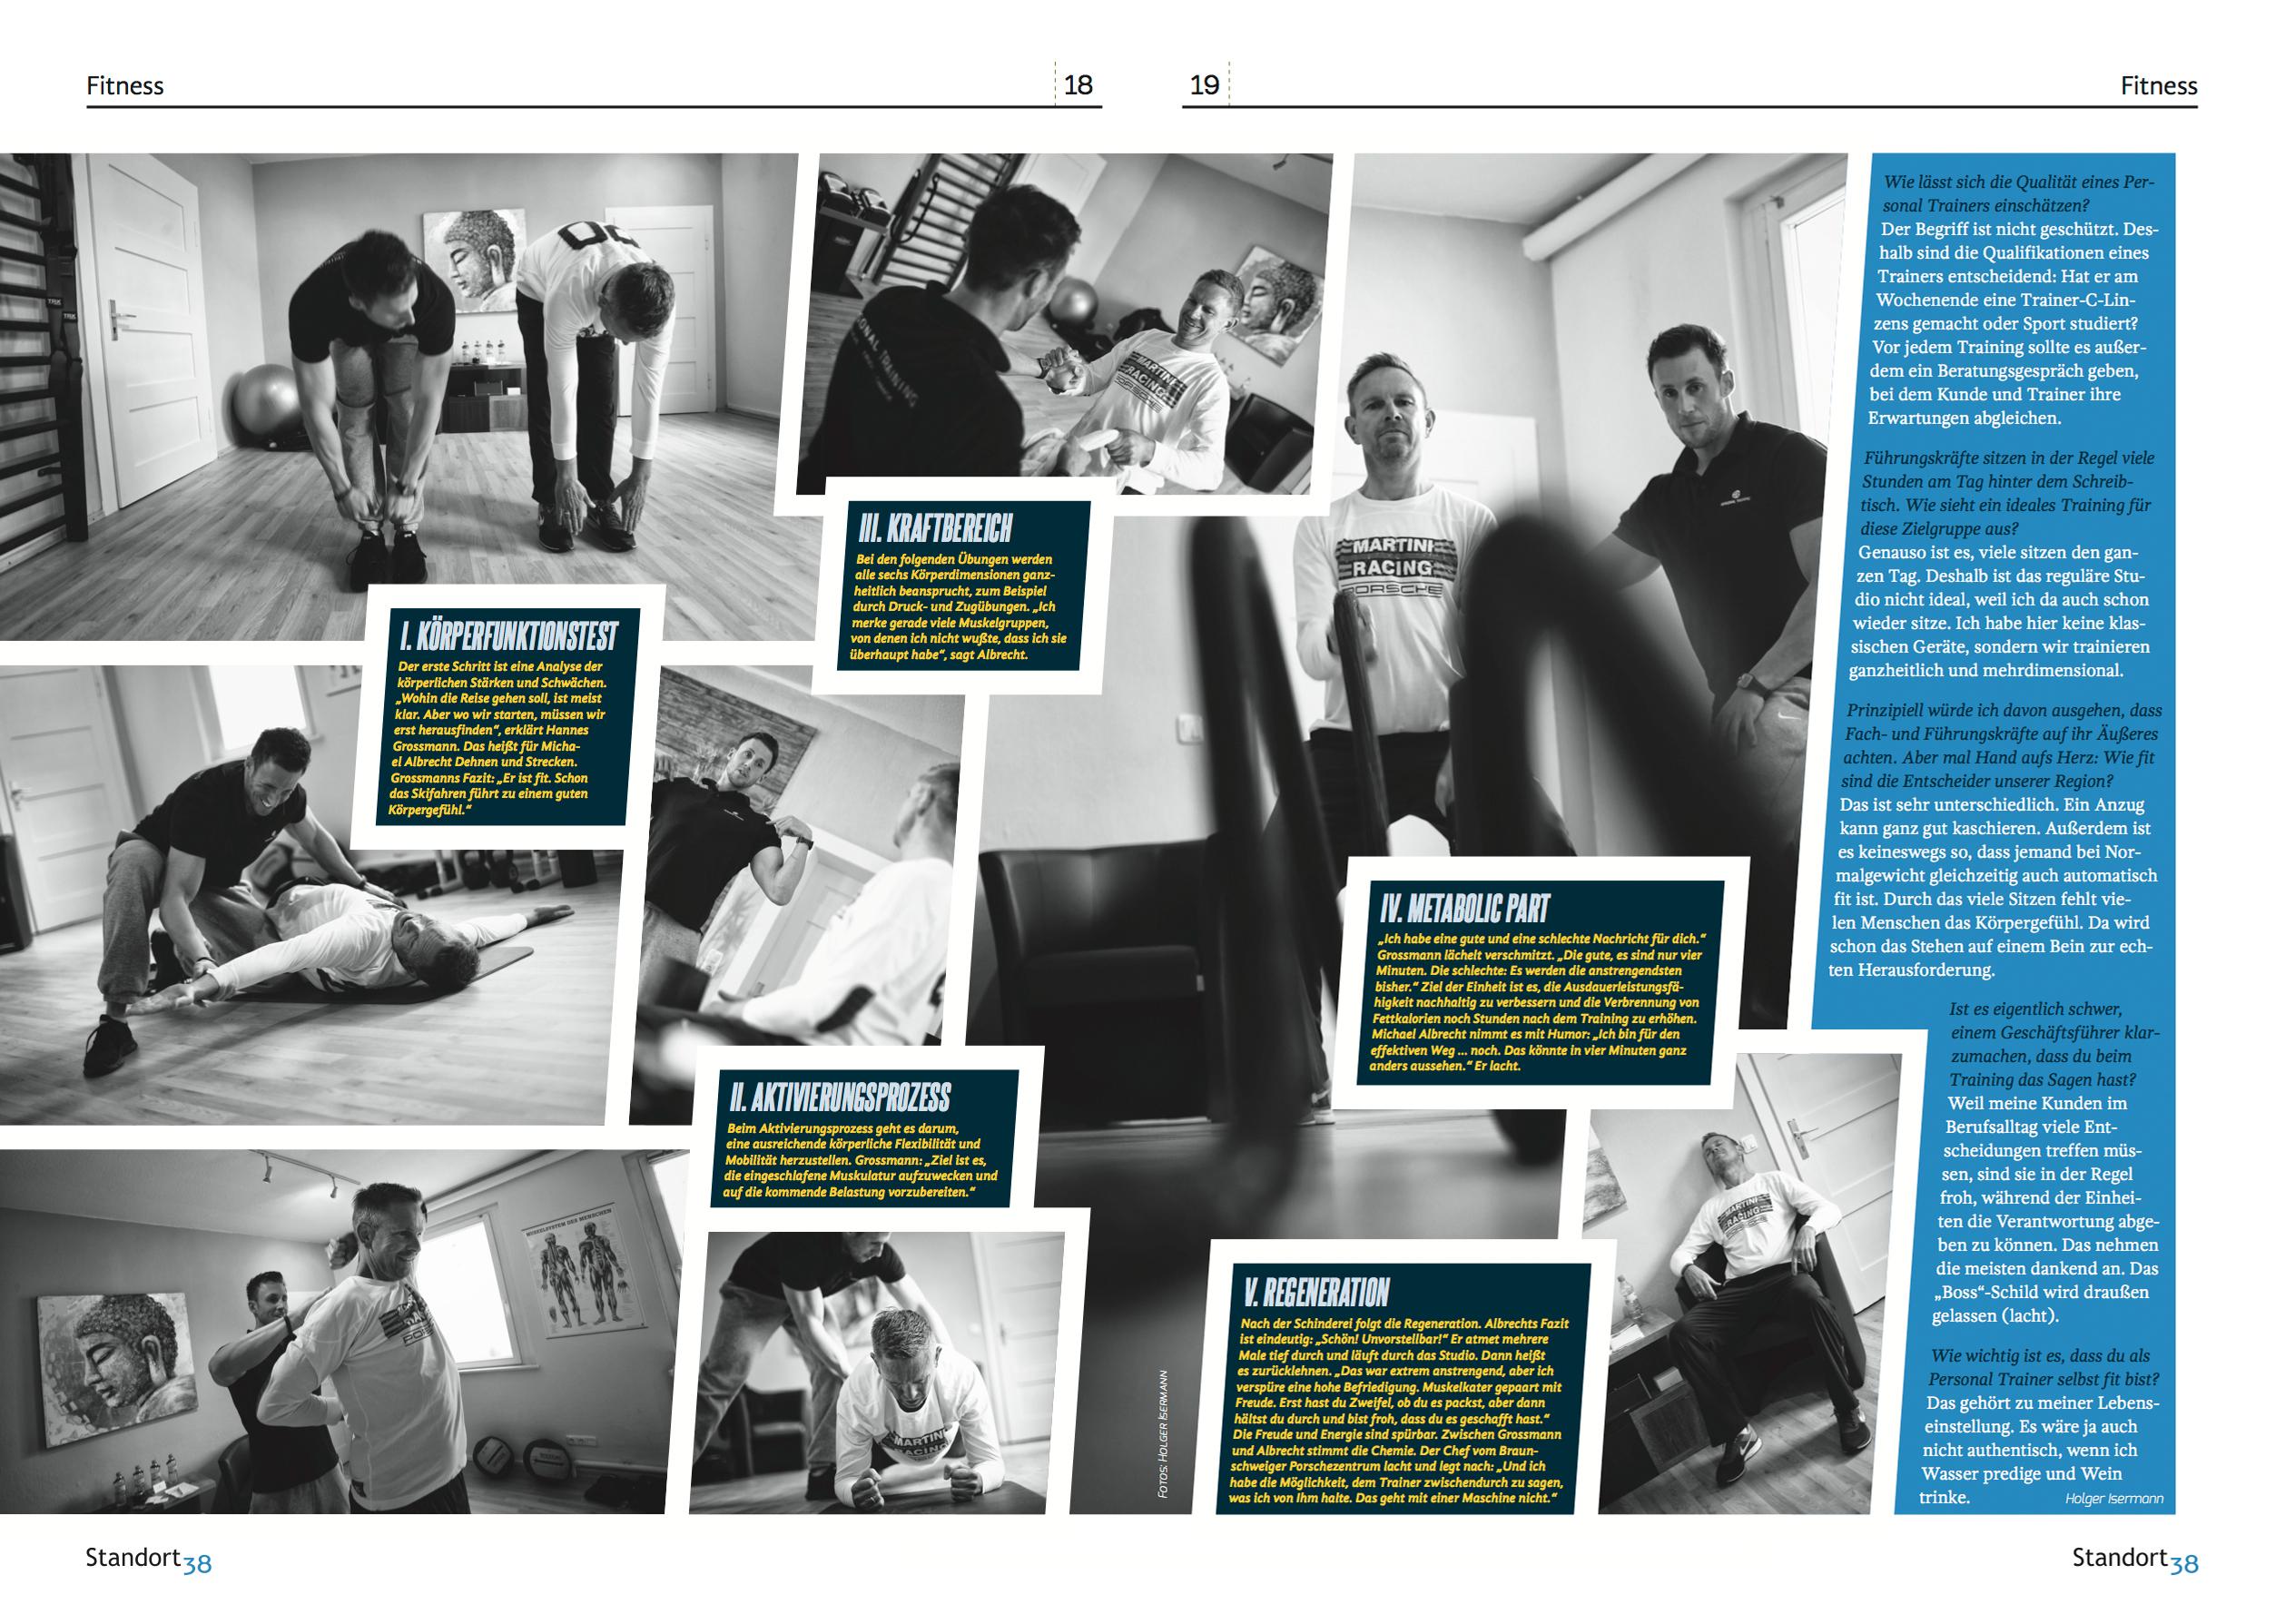 Personal Trainer Hannes Grossmann -Der Fitness-Experte aus Braunschweig im Standort38-Interview